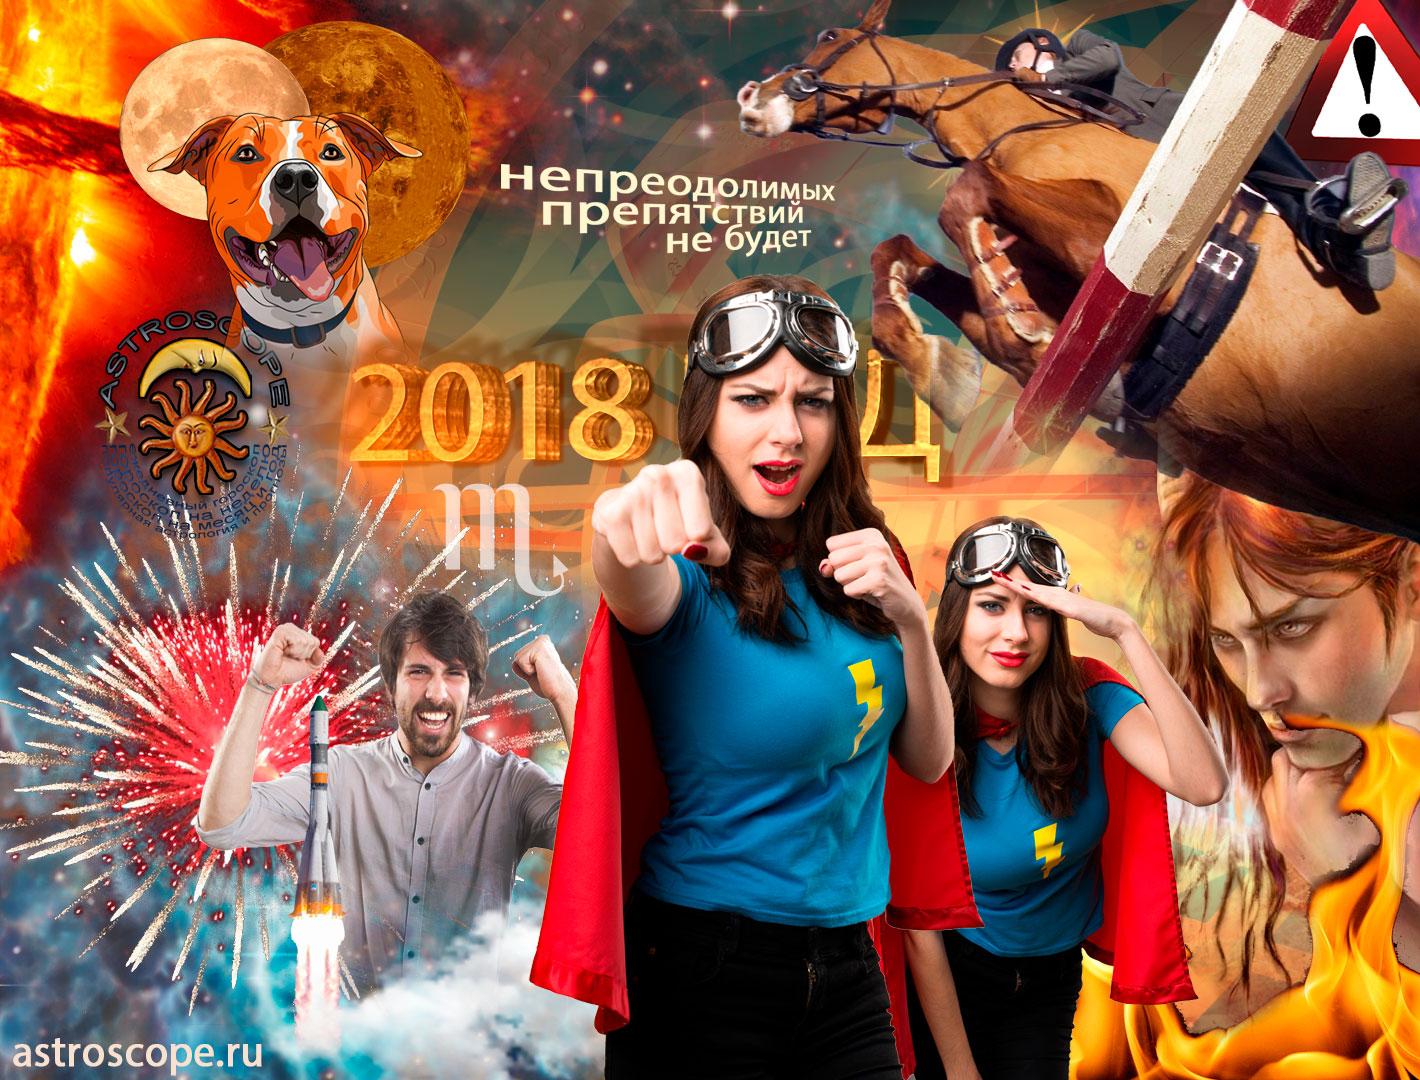 Гороскоп на 2018 Скорпион, что ждёт Скорпионов в 2018 году